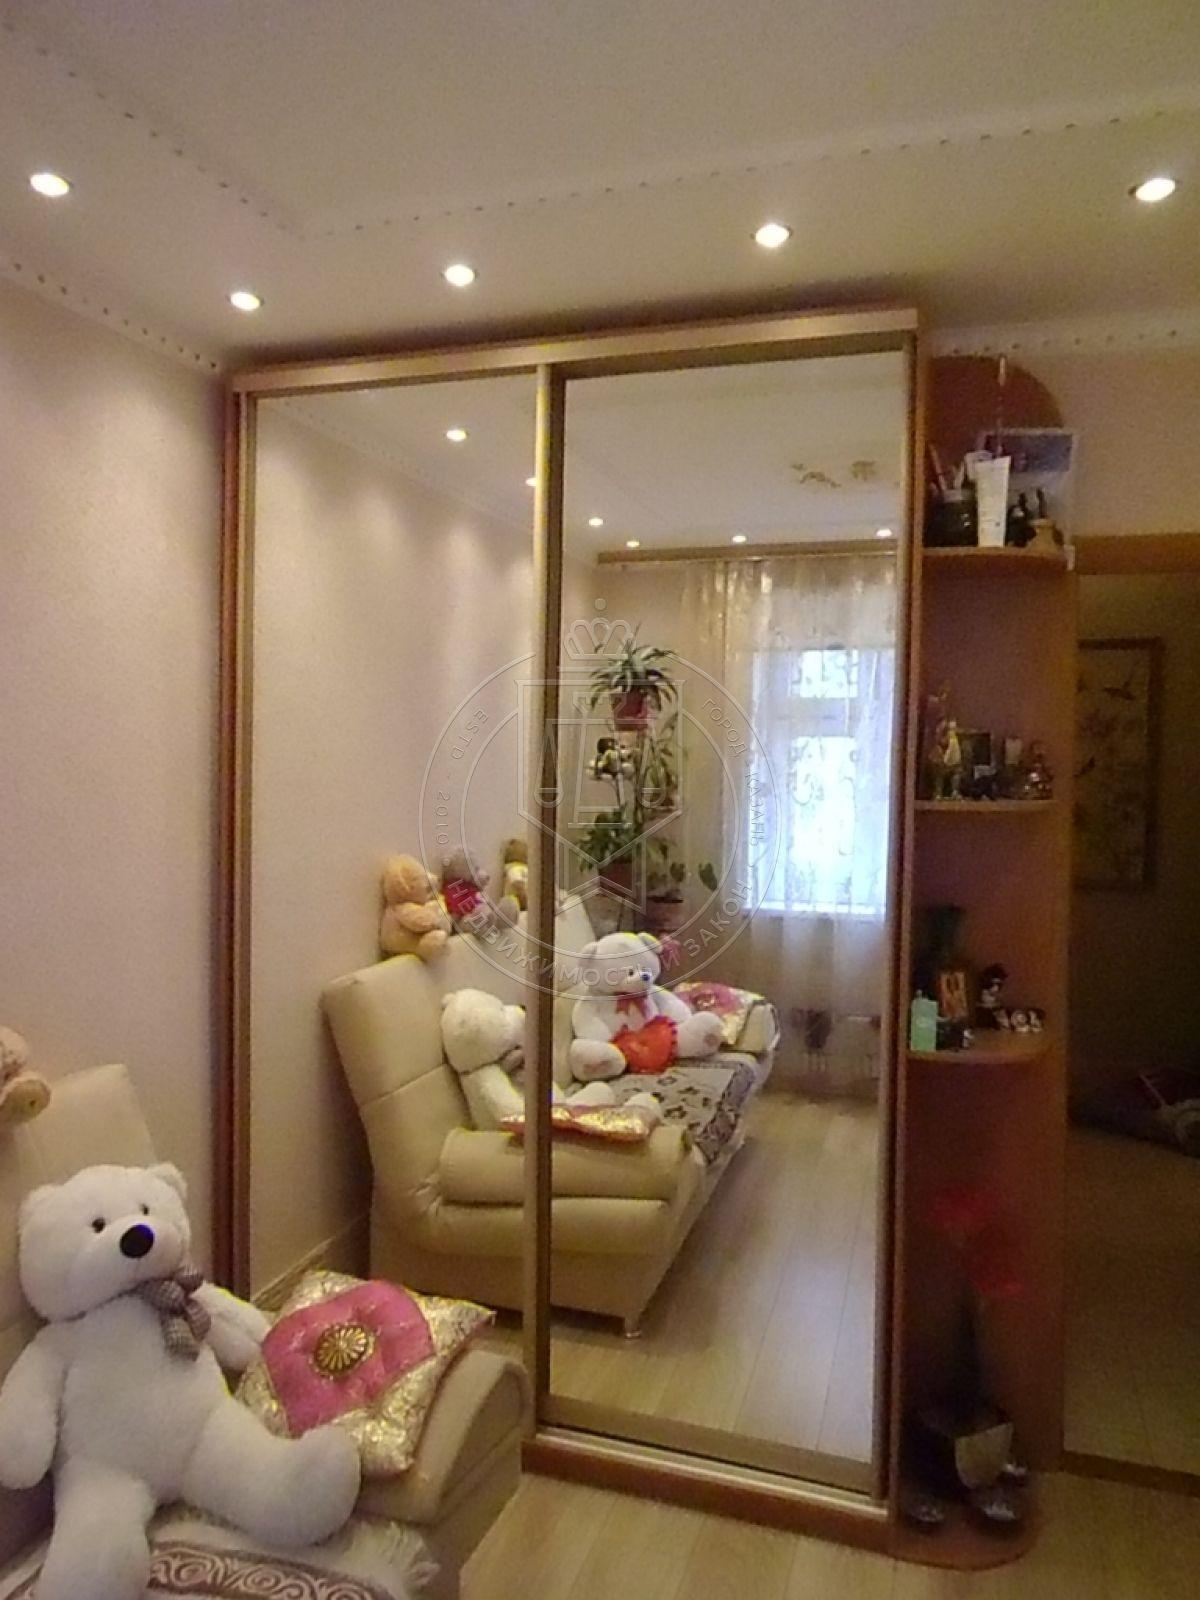 Продажа 2-к квартиры Меридианная ул, 30, 51.2 м² (миниатюра №4)